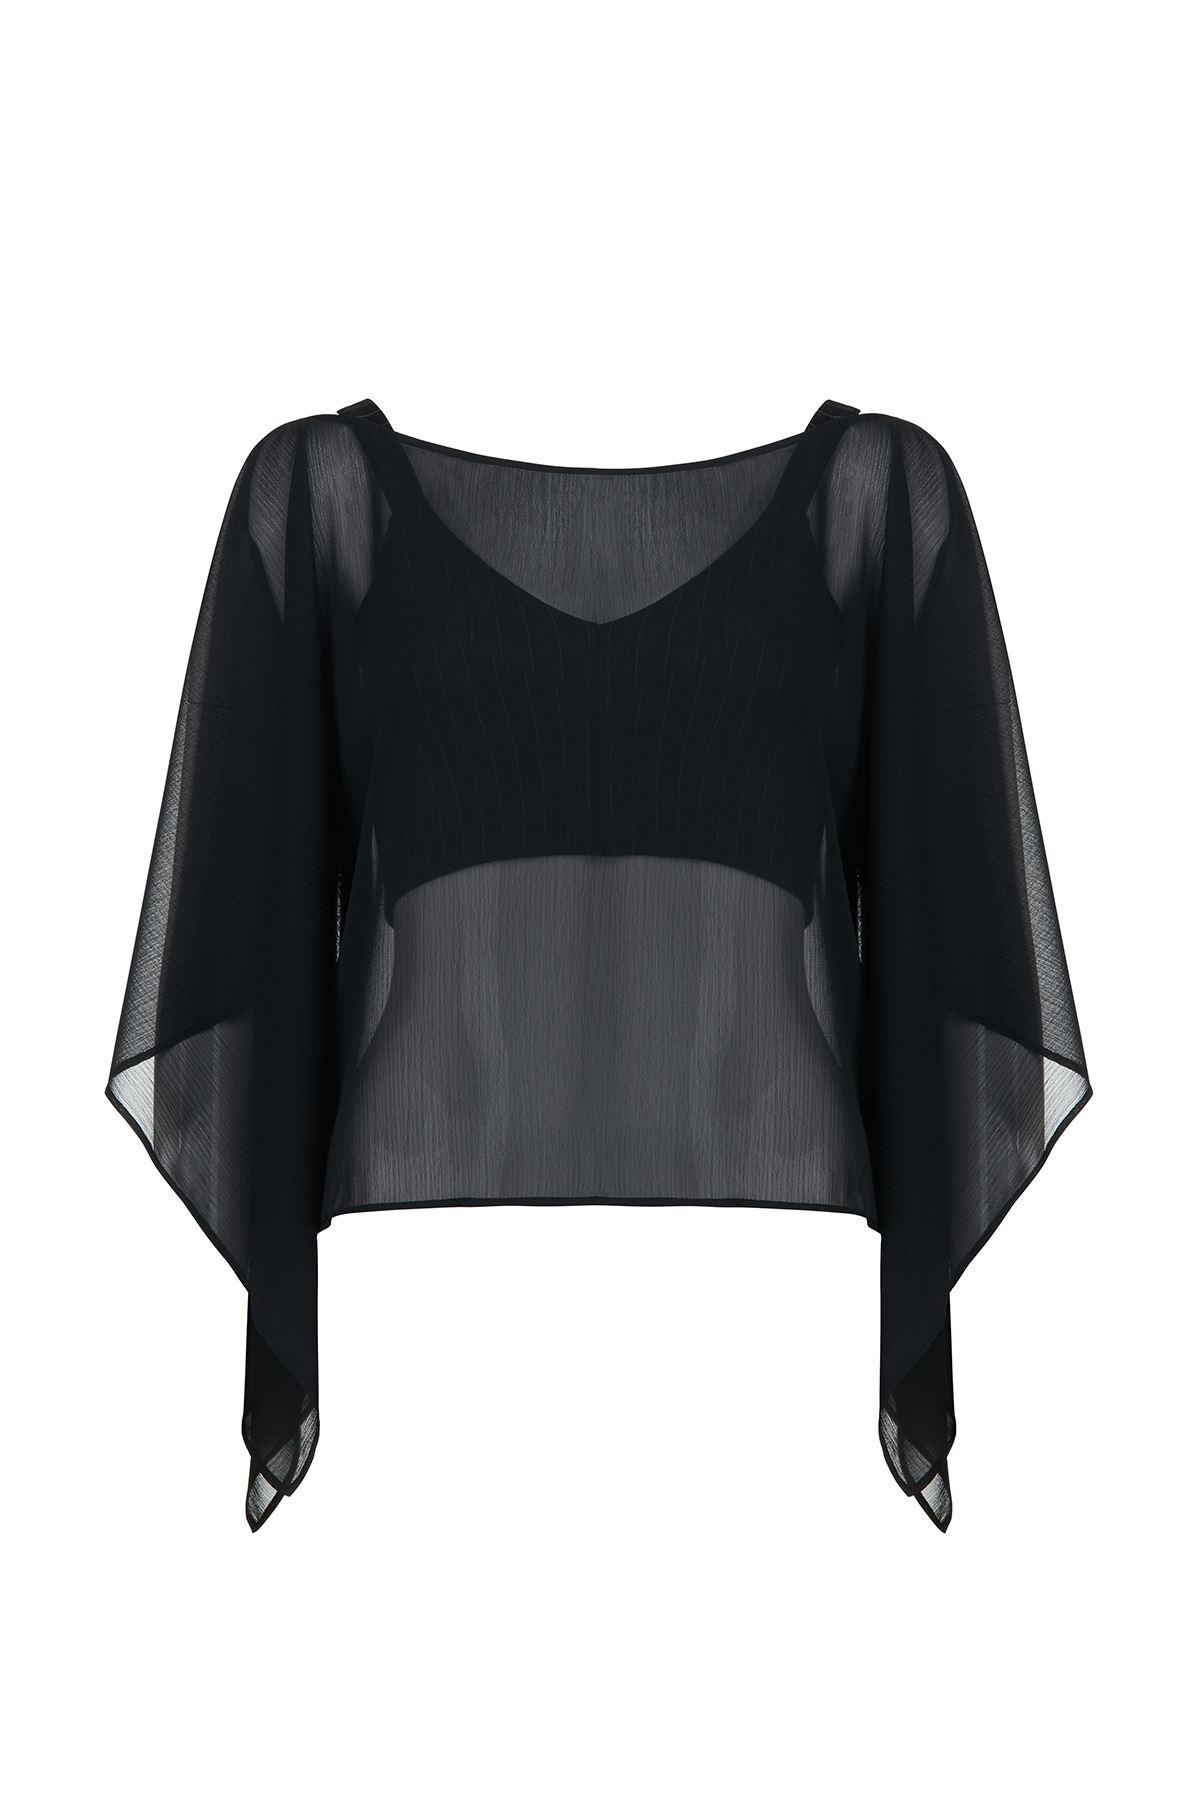 Siyah Şifon Bluz (Yarasa Kol)